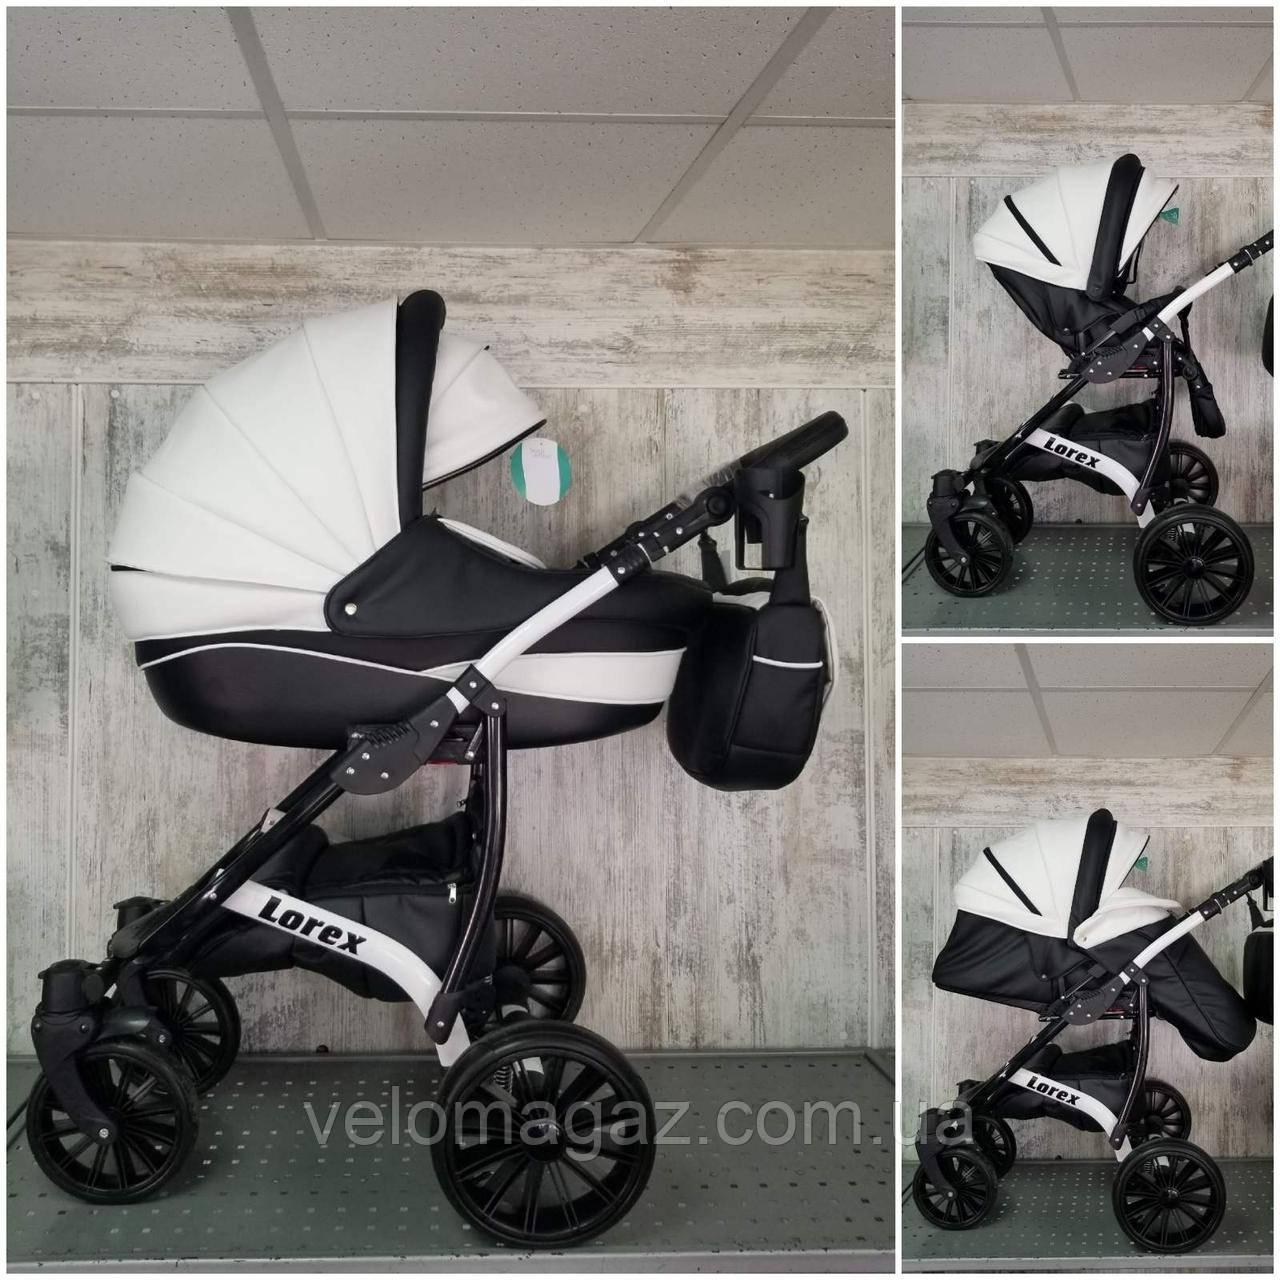 """Универсальная всесезонная детская коляска 2 в 1 """"Lorex"""". дождевик, москитка, сумка"""